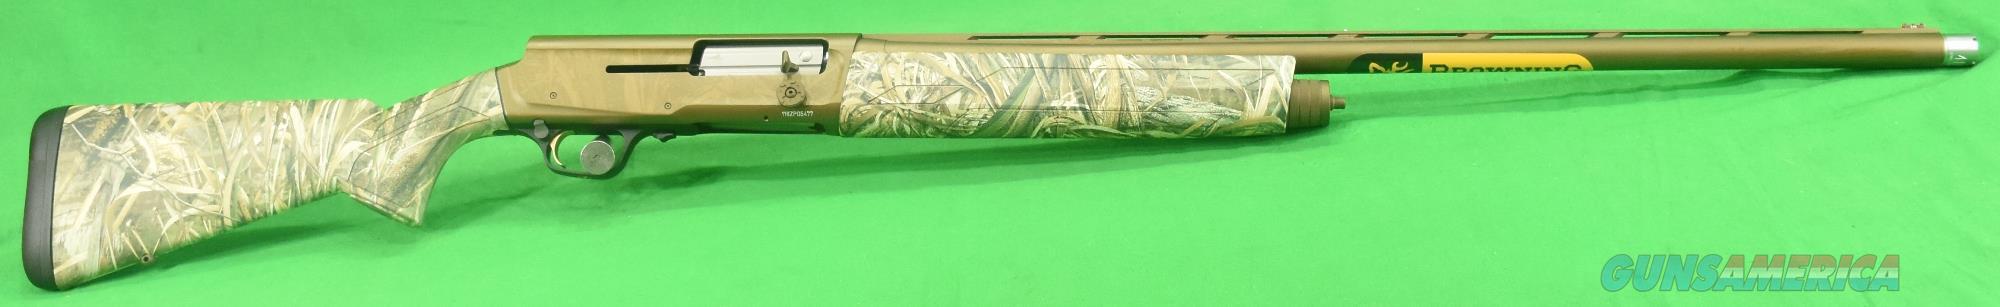 0118422004 Browning A5 Wicked Wing Max 5 Camo 12 Ga 28-3.5In  Guns > Shotguns > Browning Shotguns > Autoloaders > Hunting